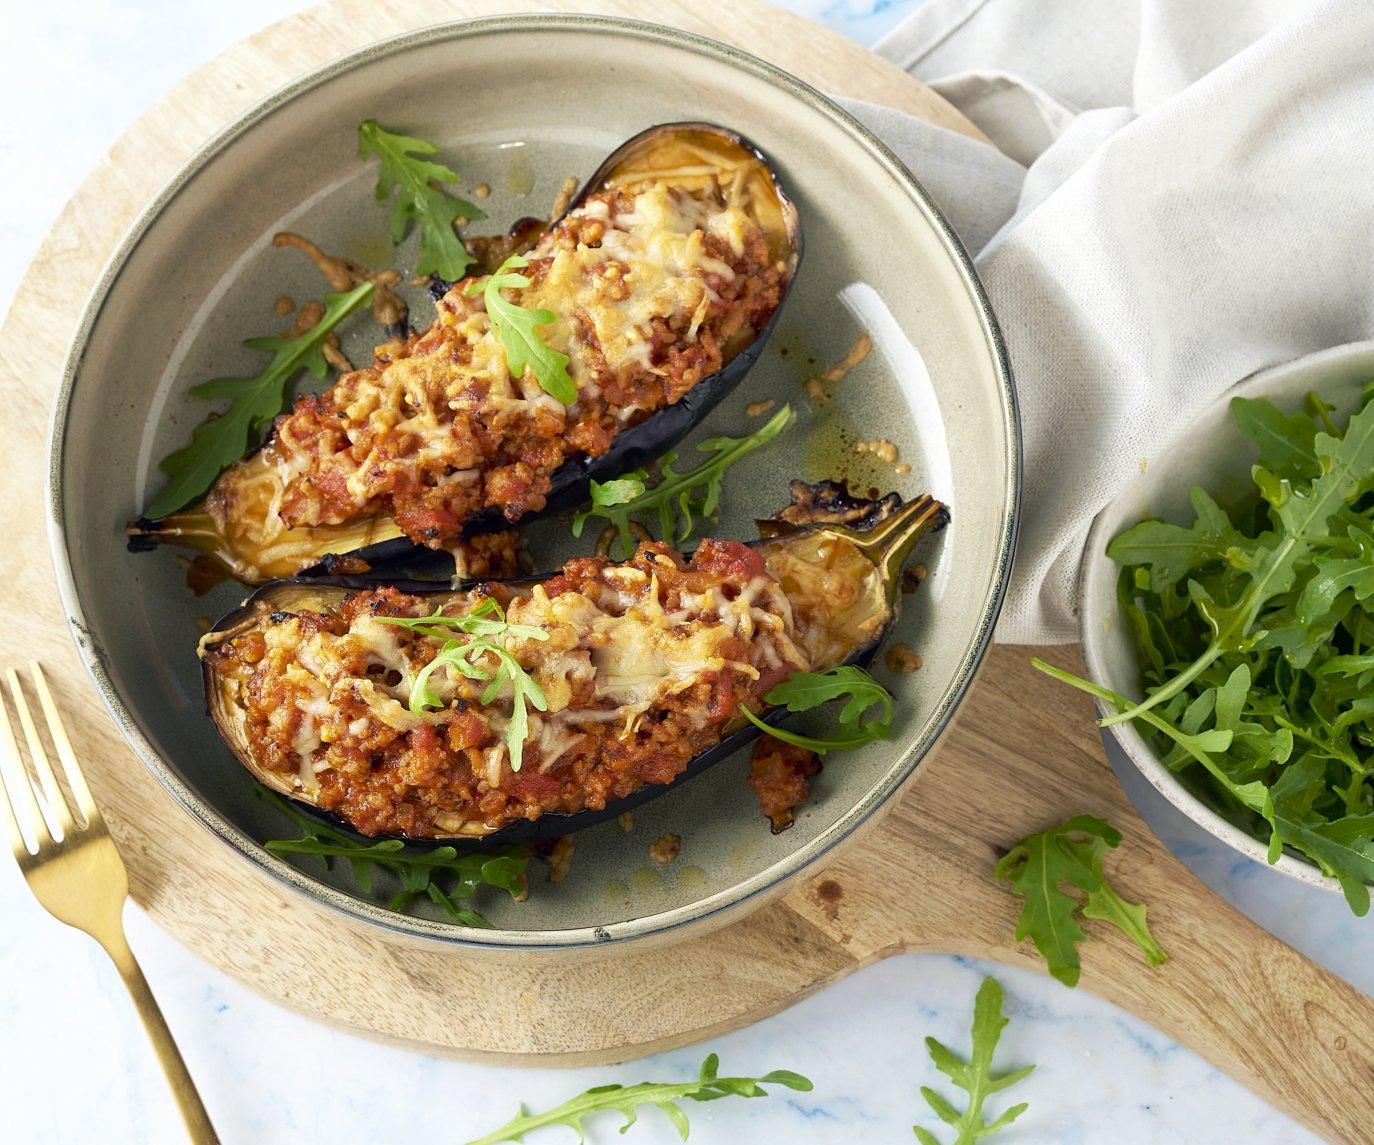 Gepofte aubergine met gehakt uit de oven